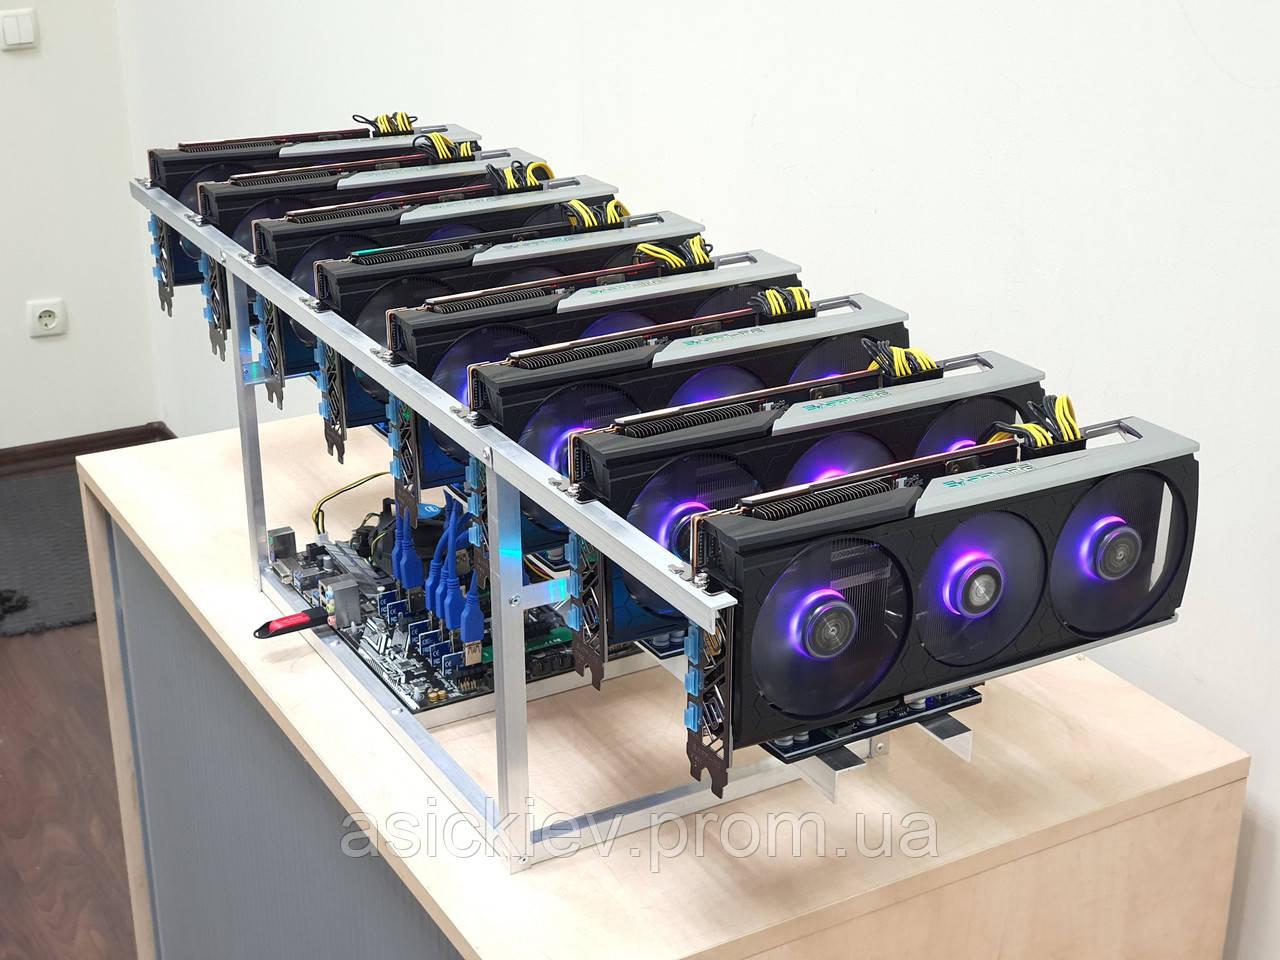 450 Mh/s Майнінг ферма на відеокарти Sapphire Rx 5700 Xt Nitro+